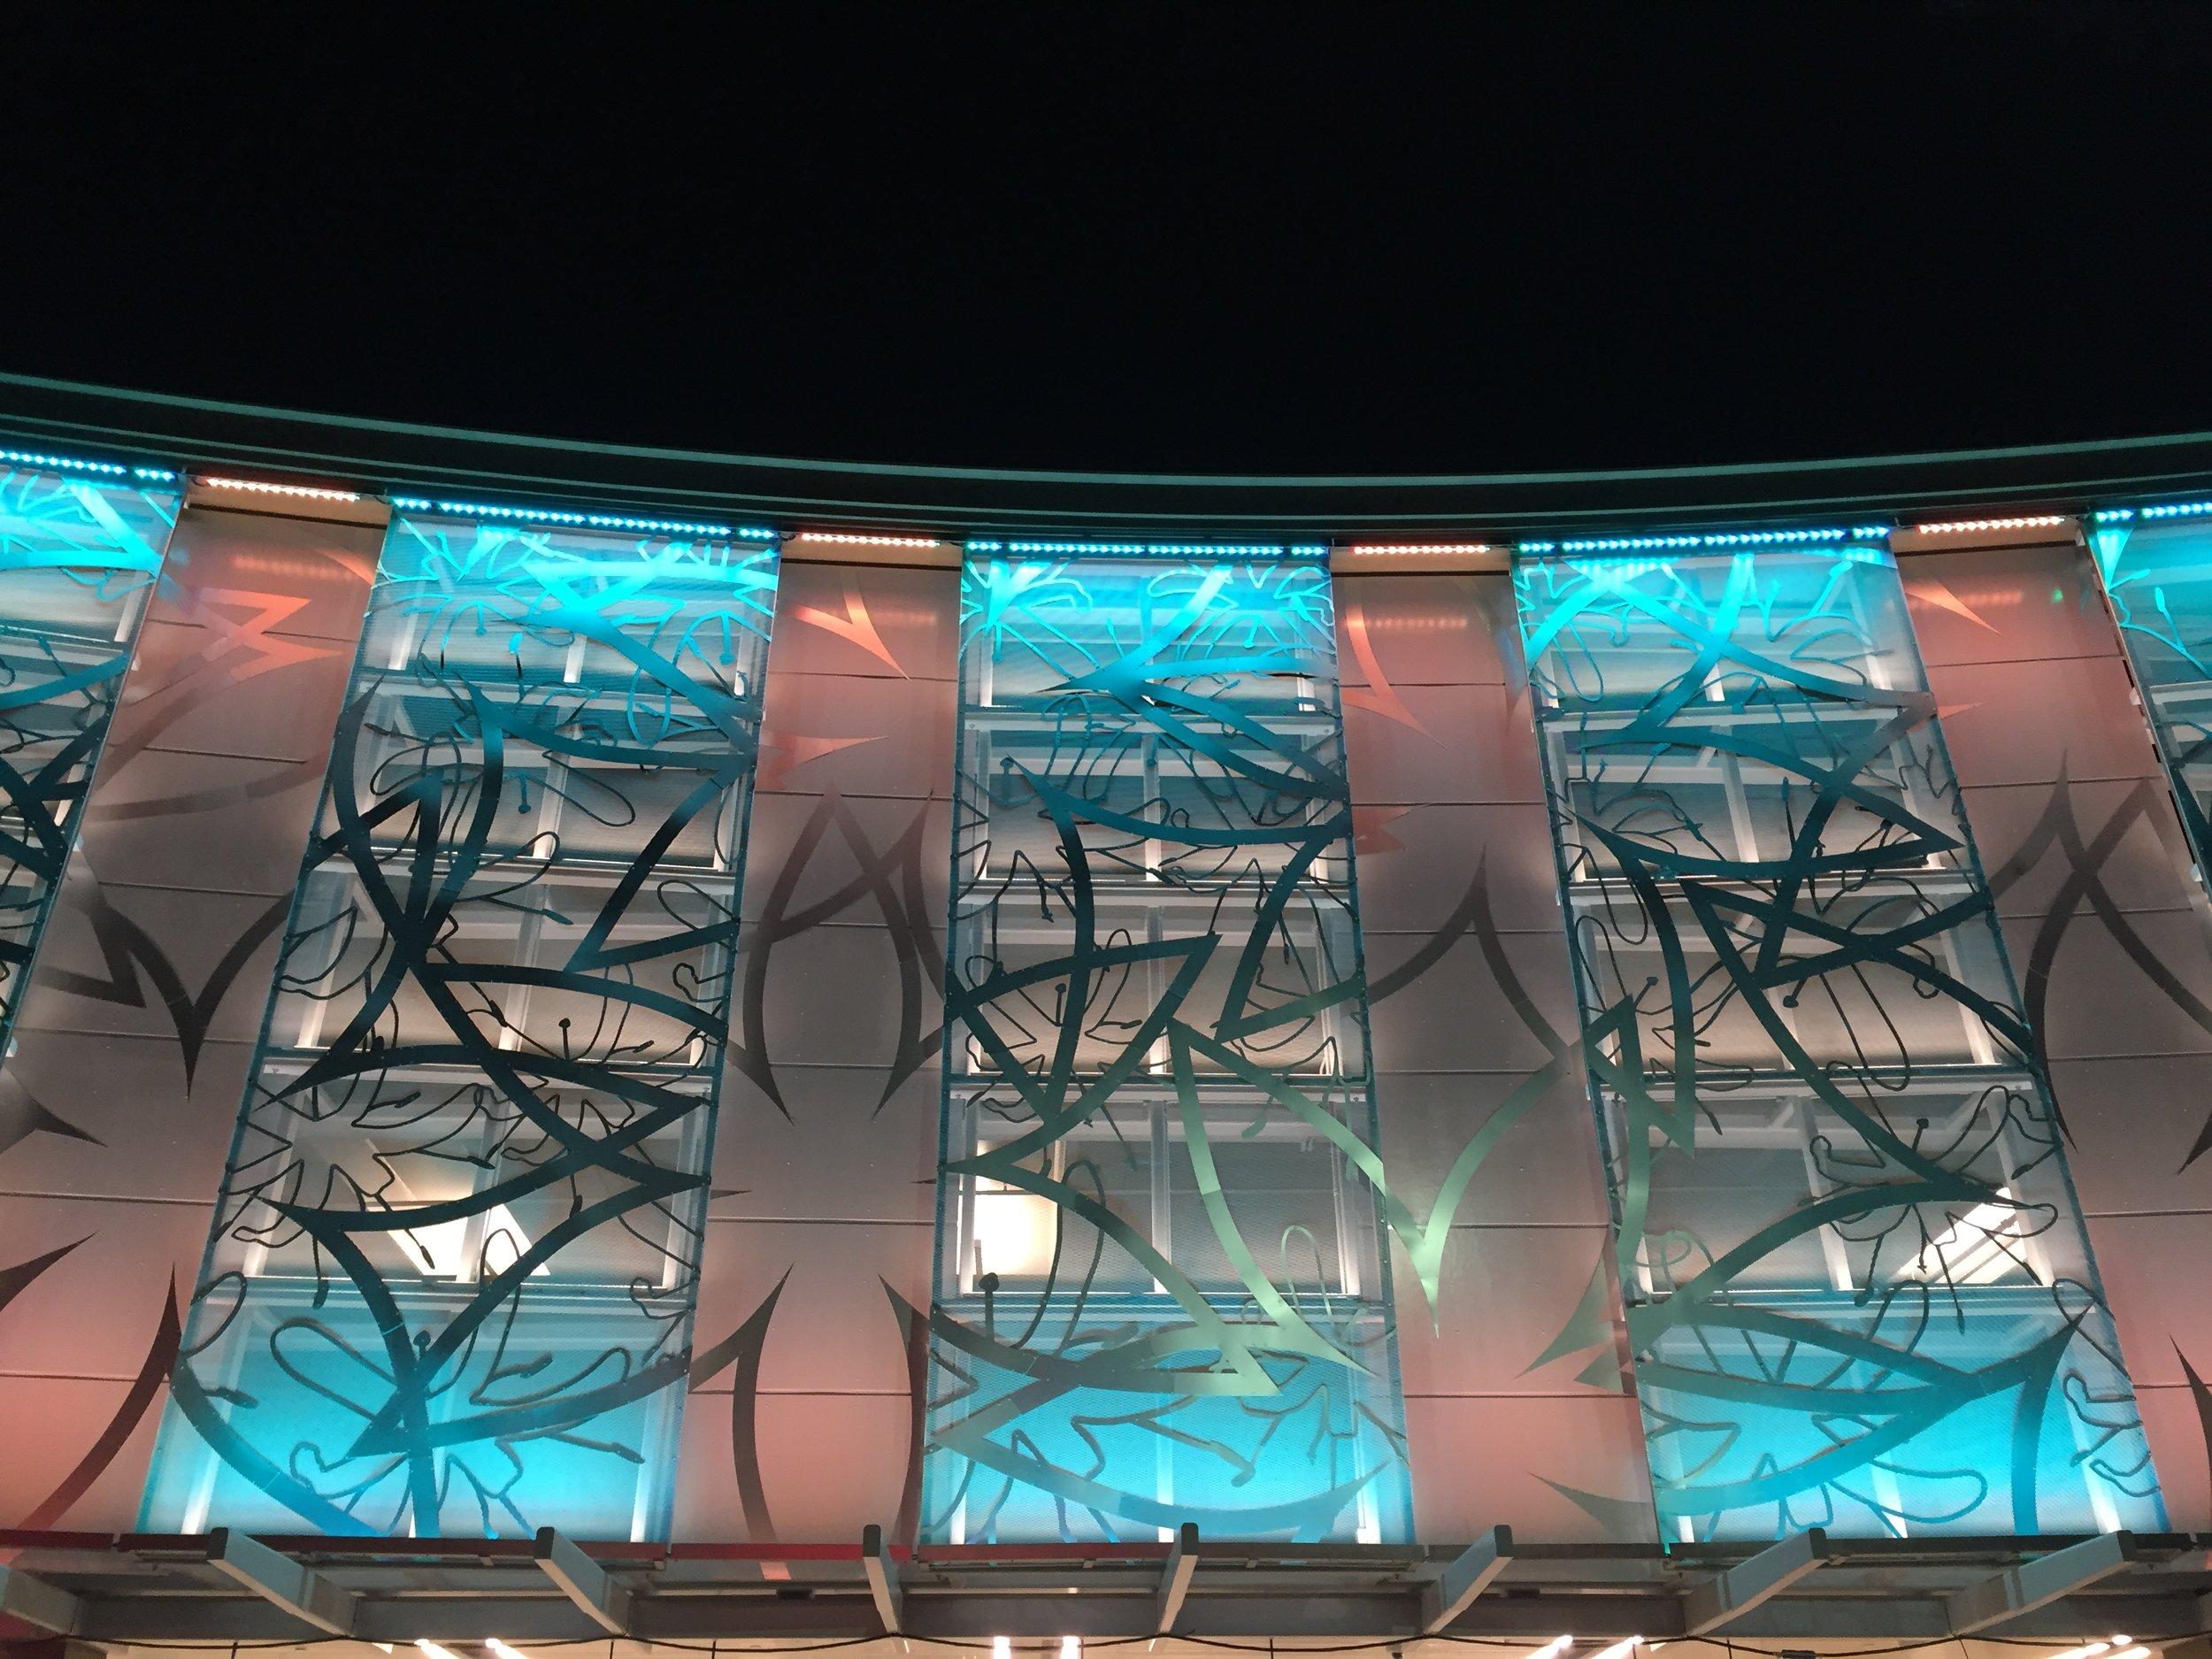 Cliff Garten,  Liliales , 2016, stainless steel, aluminum, LED, 12 x 28 feet